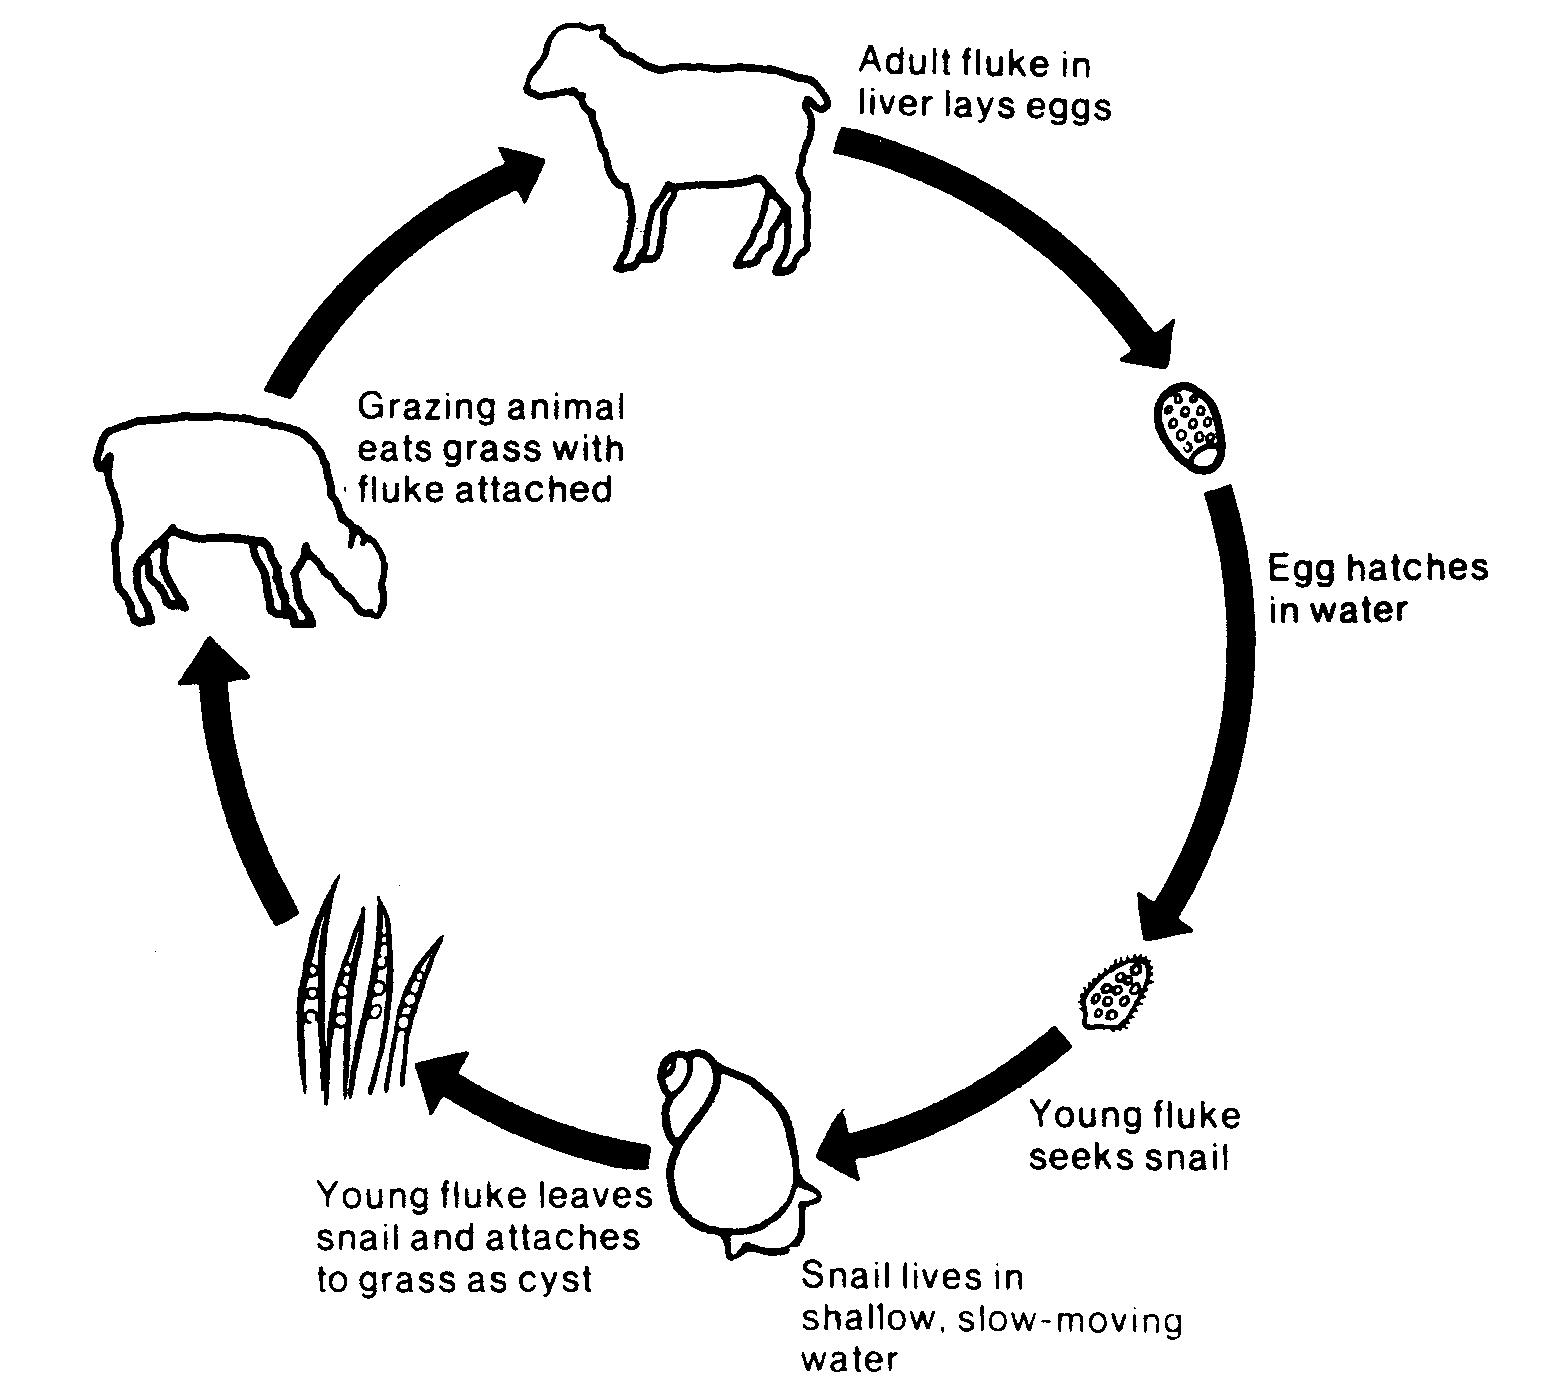 揭開史前文明的面紗(7)